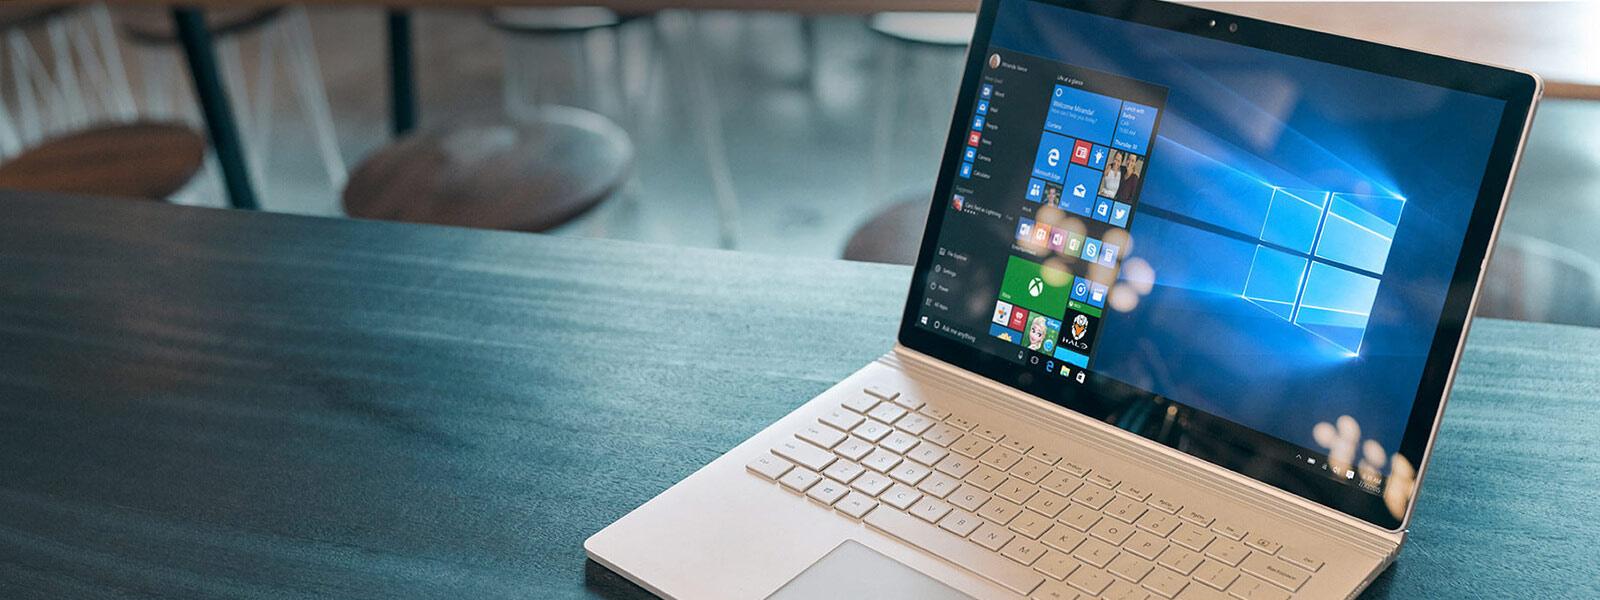 Windows 10 device.